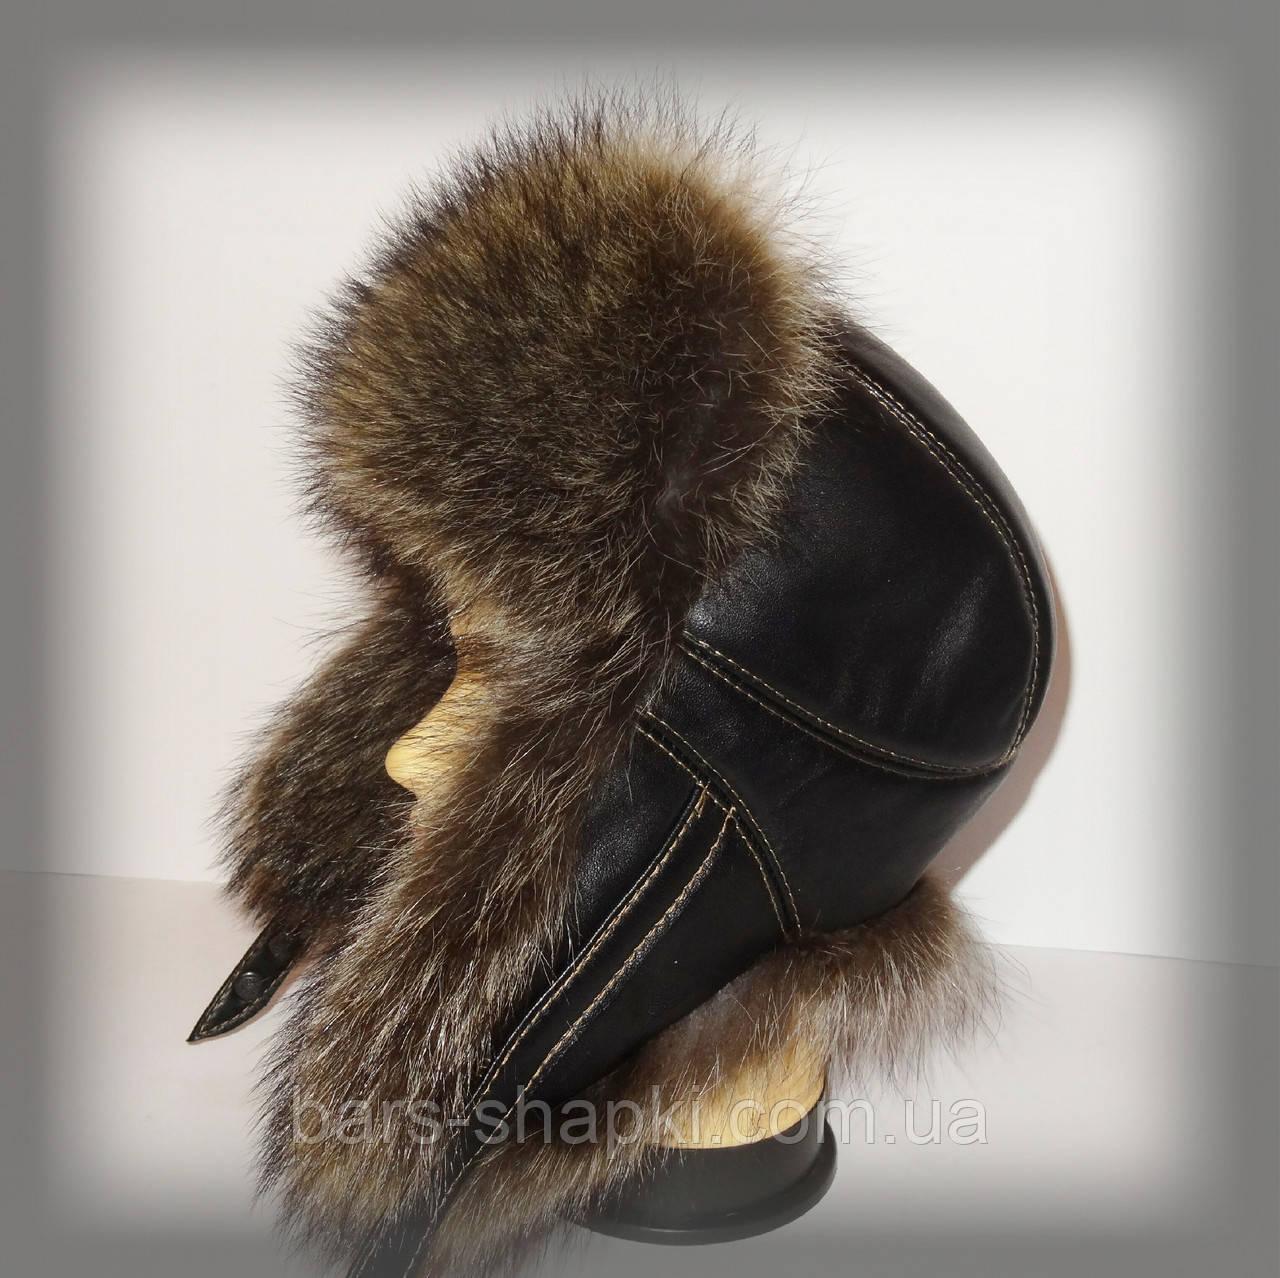 Мужская меховая шапка из енота-полоскуна (фигурная строчка)